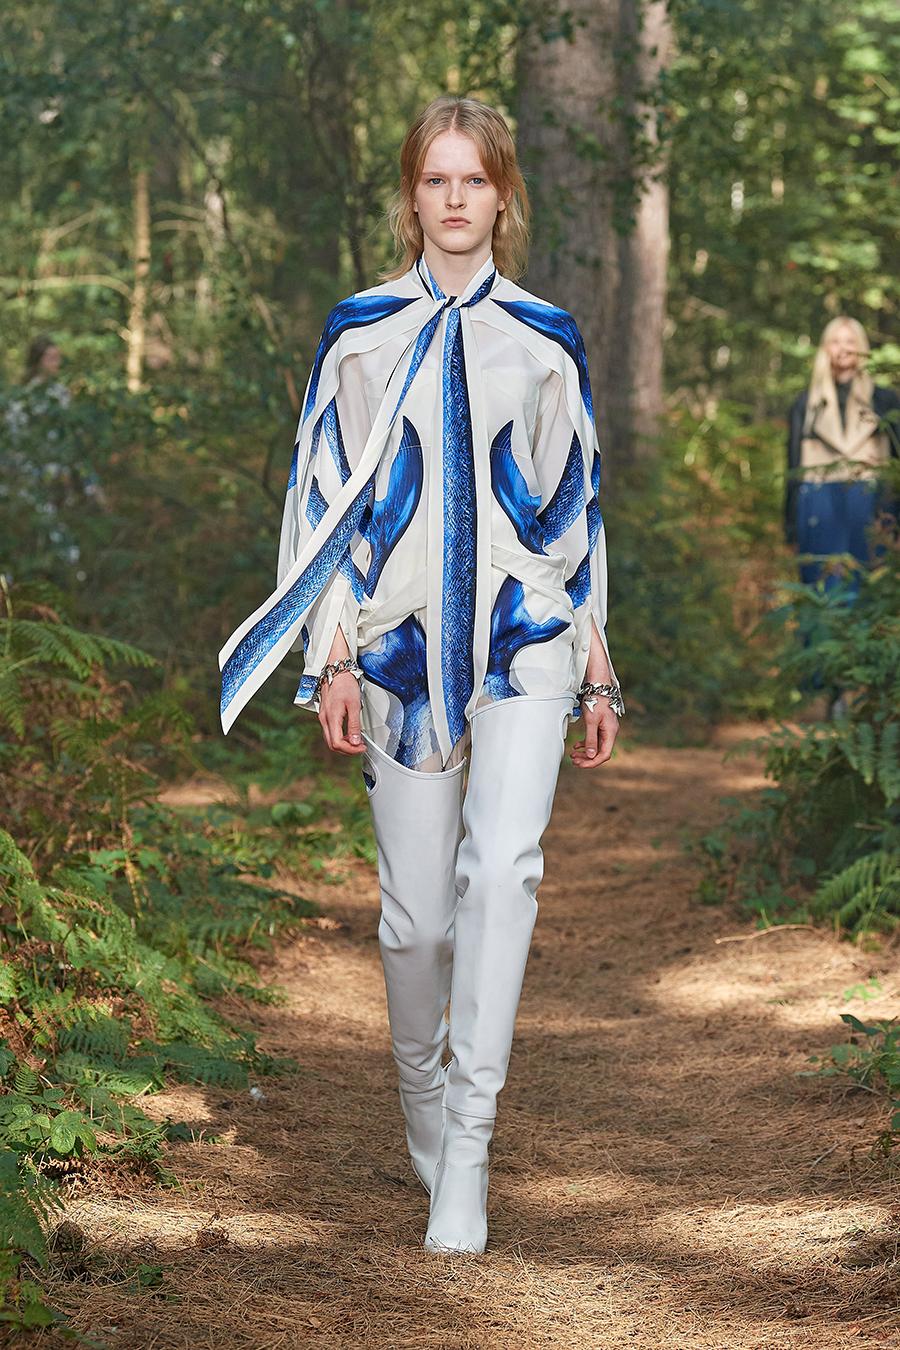 модная блуза блузка рубашка с бантом белая голубая синяя